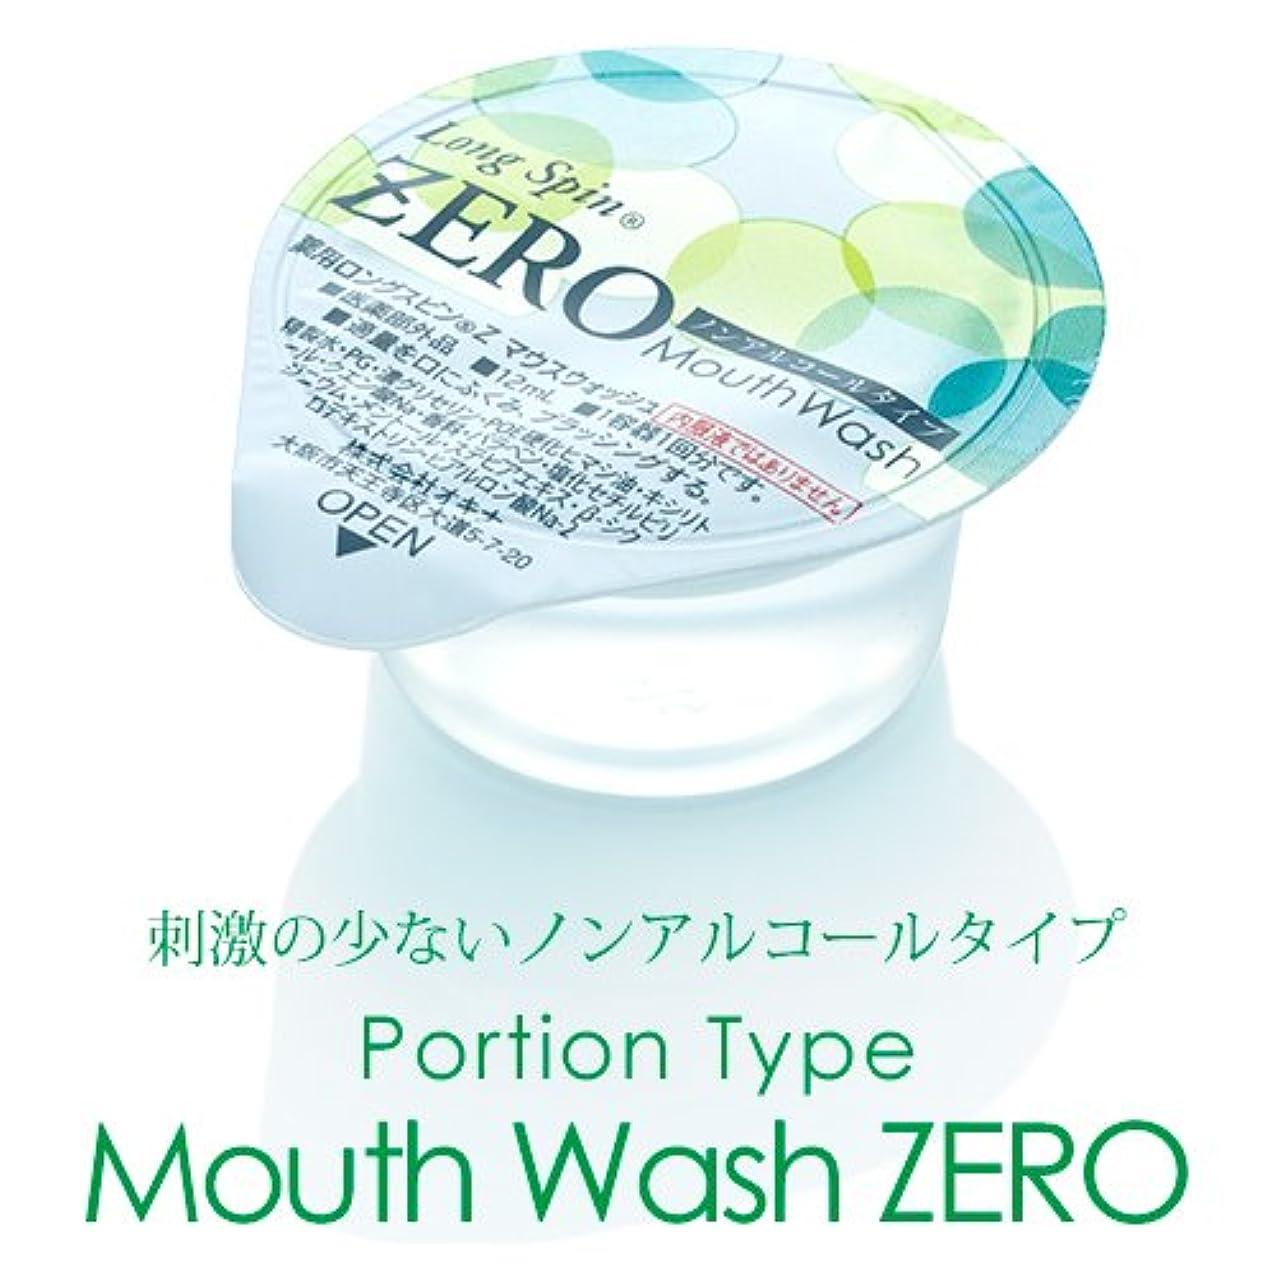 肌寒い電気的魔術薬用マウスウォッシュ Long Spin(ロングスピン) ZERO 1箱(100個) 【医薬部外品】